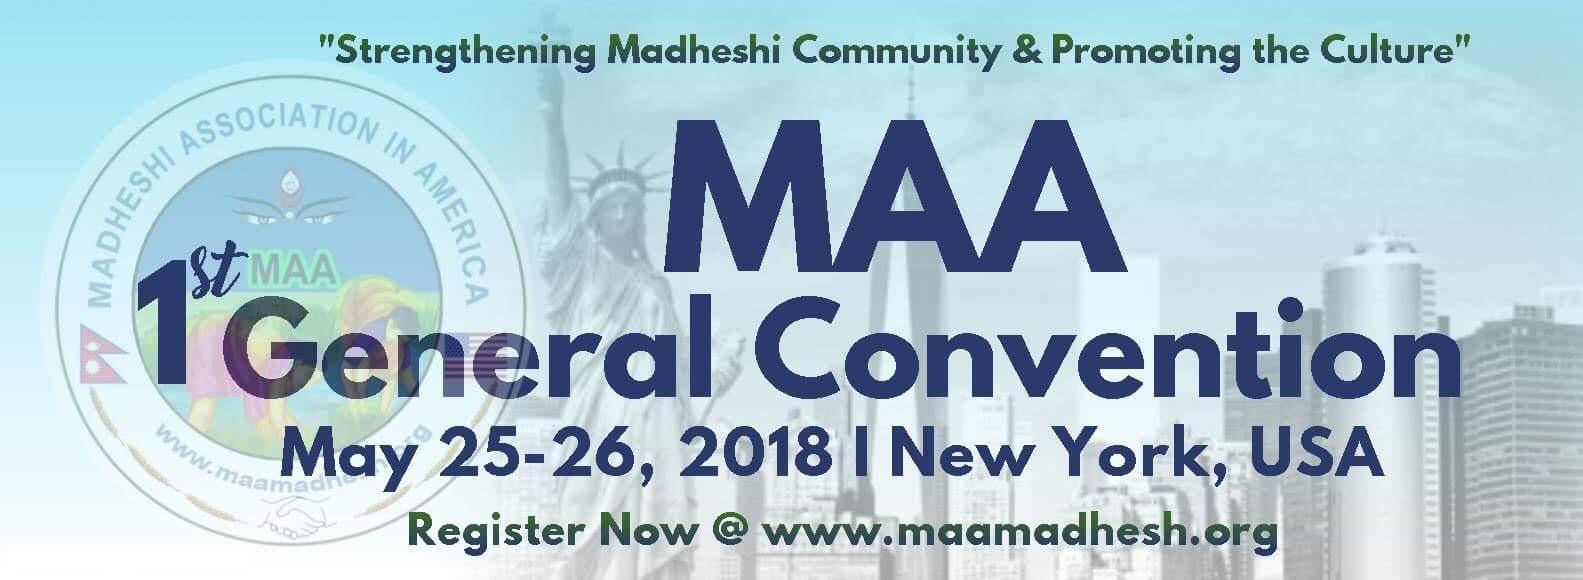 मधेसी एसोशिएशन अमेरिकाको महाधिवेशन मे २५ -२६ न्यूयोर्कमा